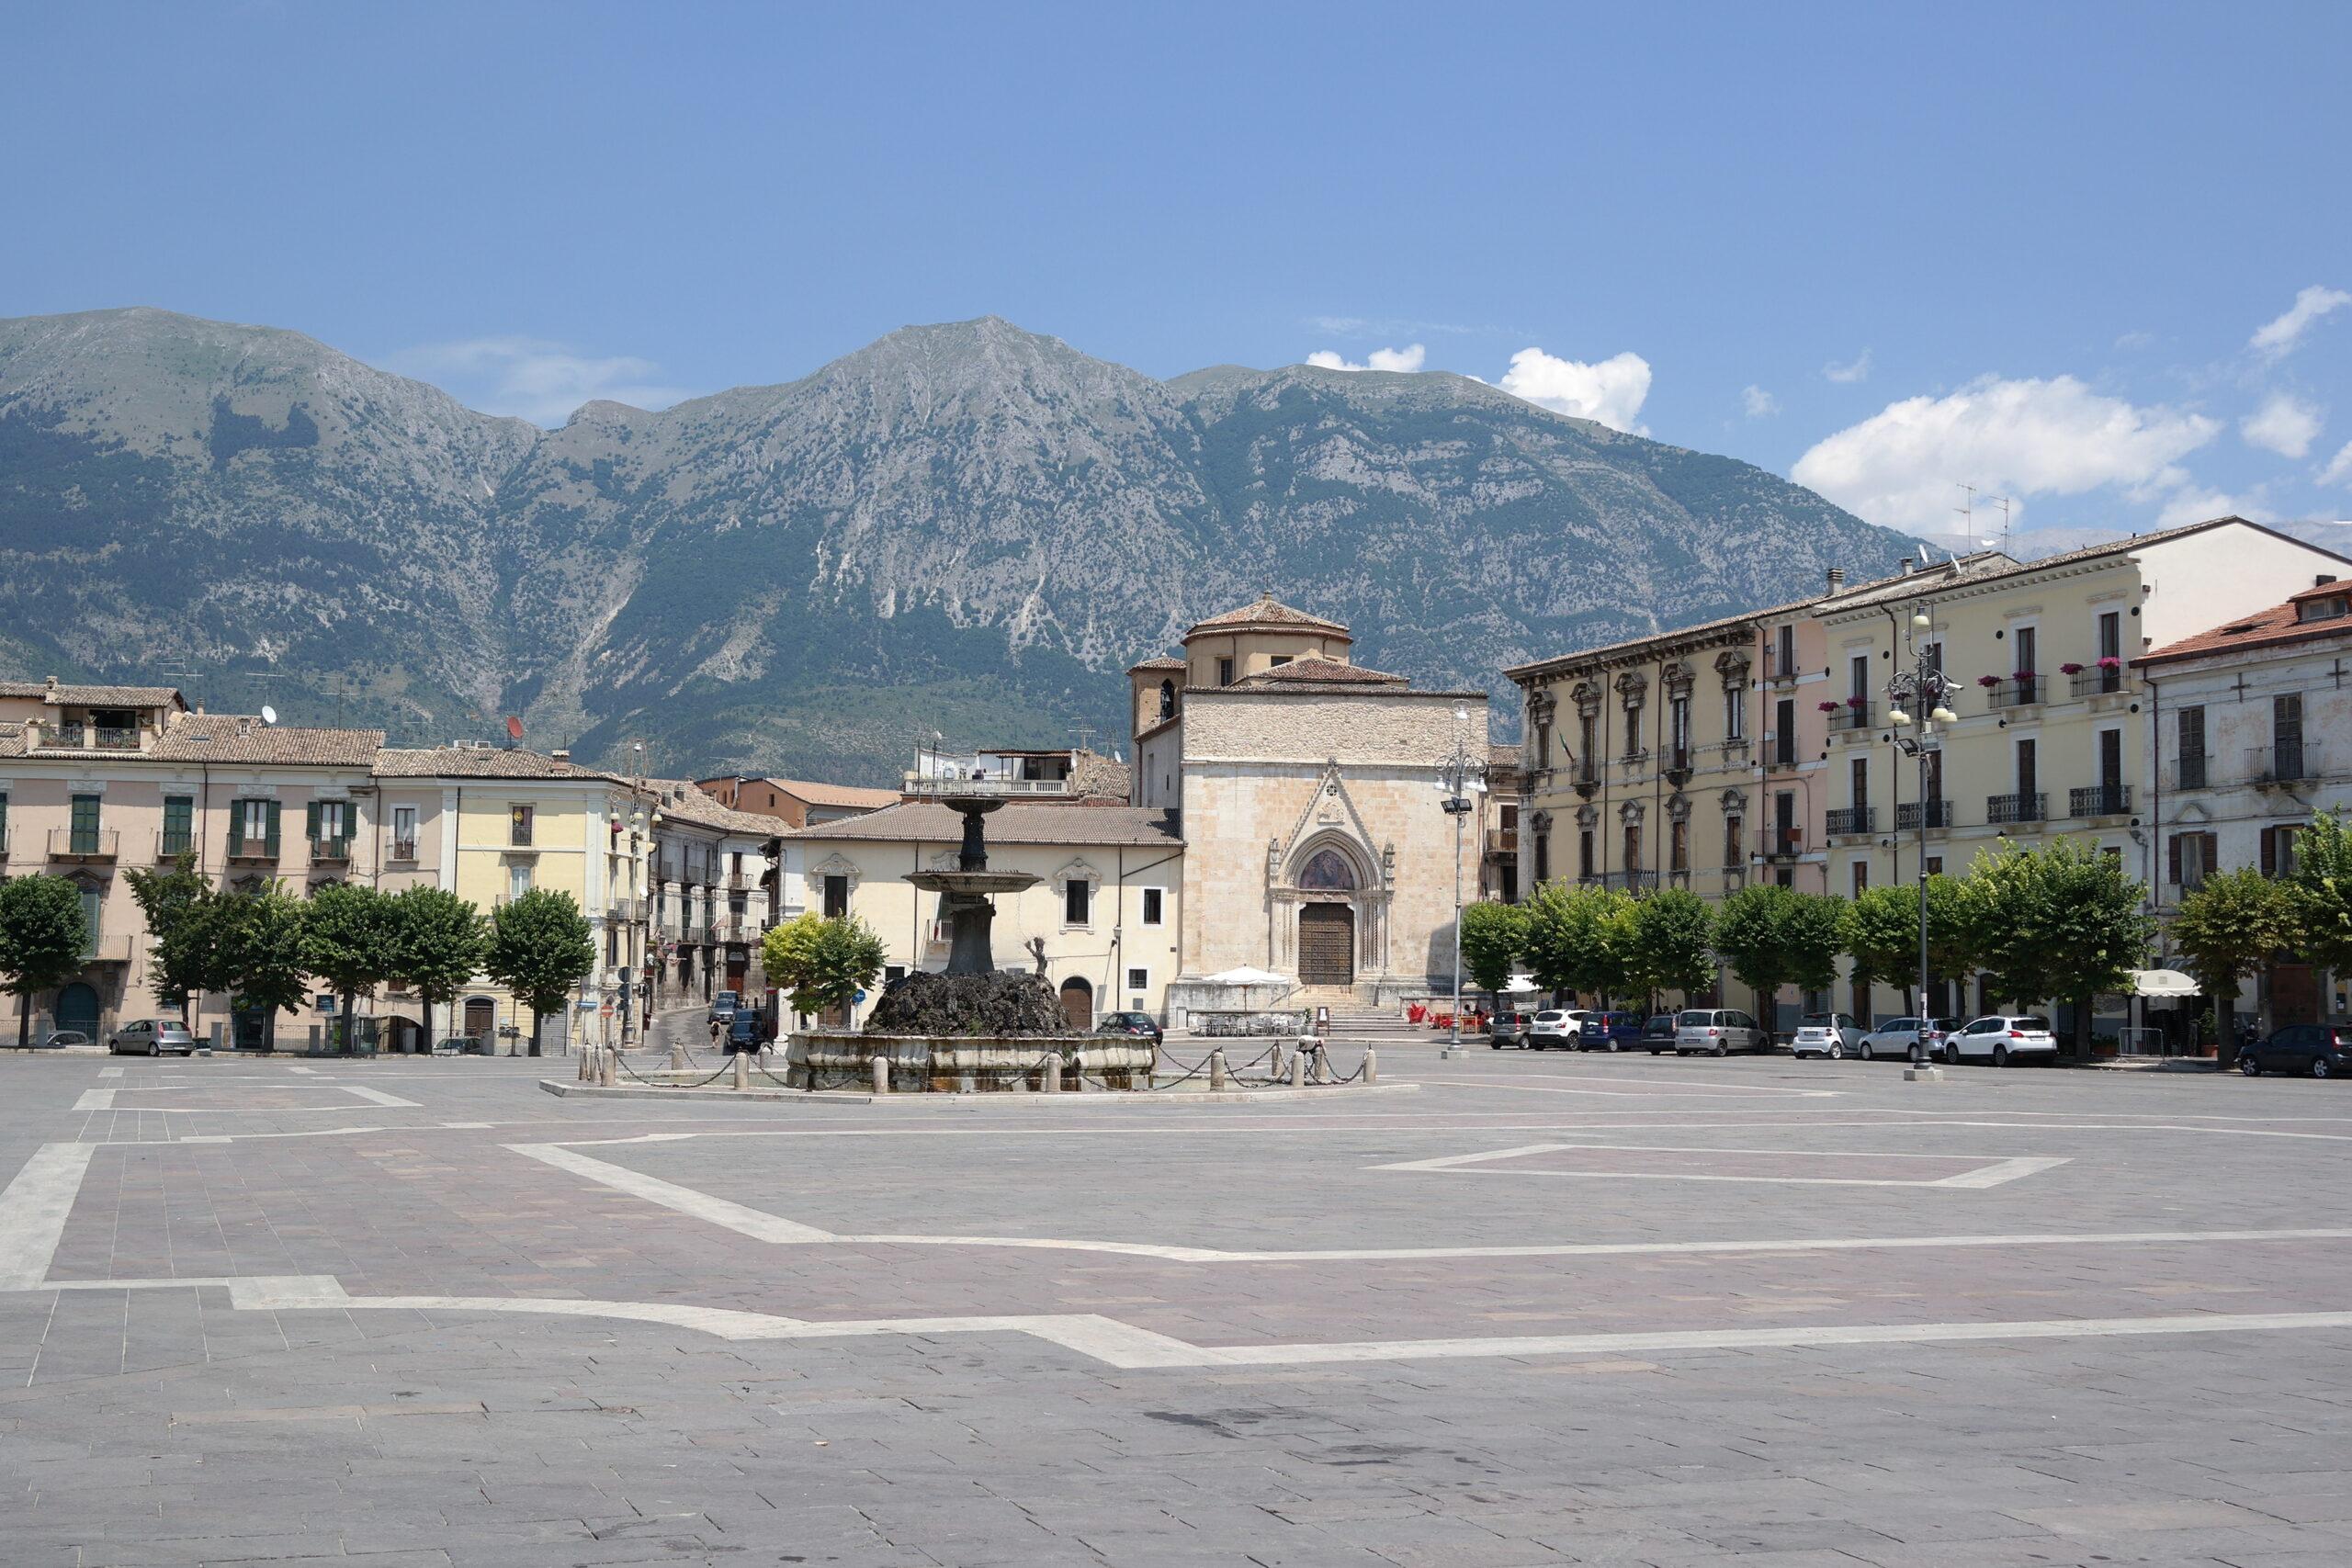 confesercenti-centro-abruzzo,-sulmona:-pedonalizzazione-del-centro-storico